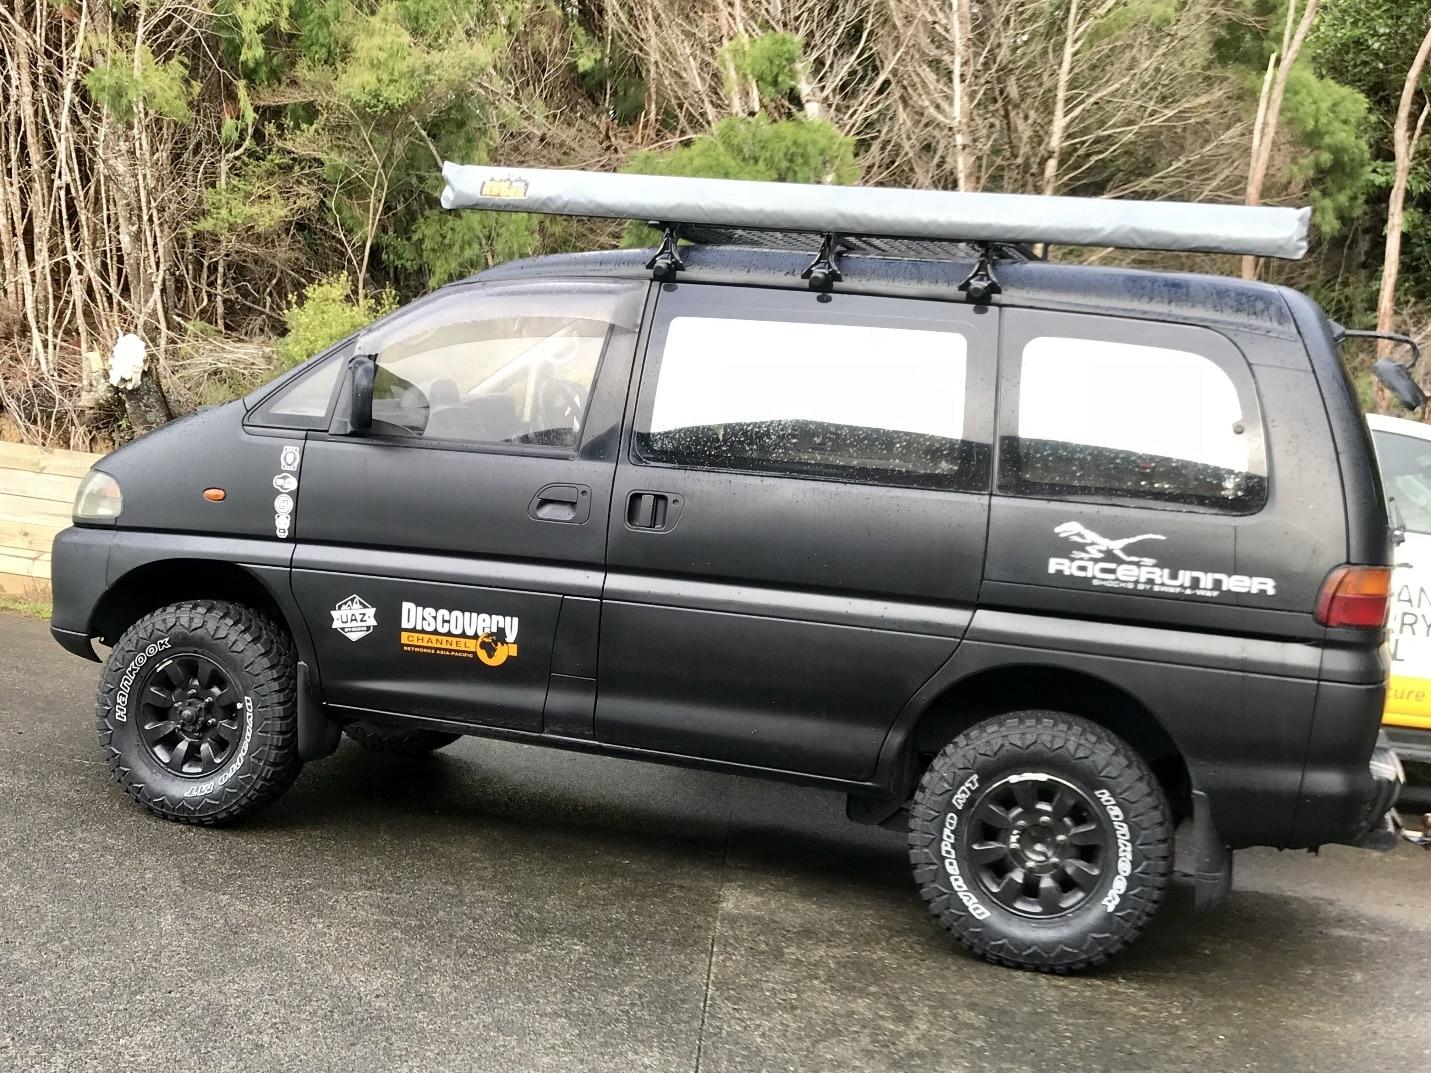 Delica 4x4 | Overland vehicles, 4x4 van, Travel van